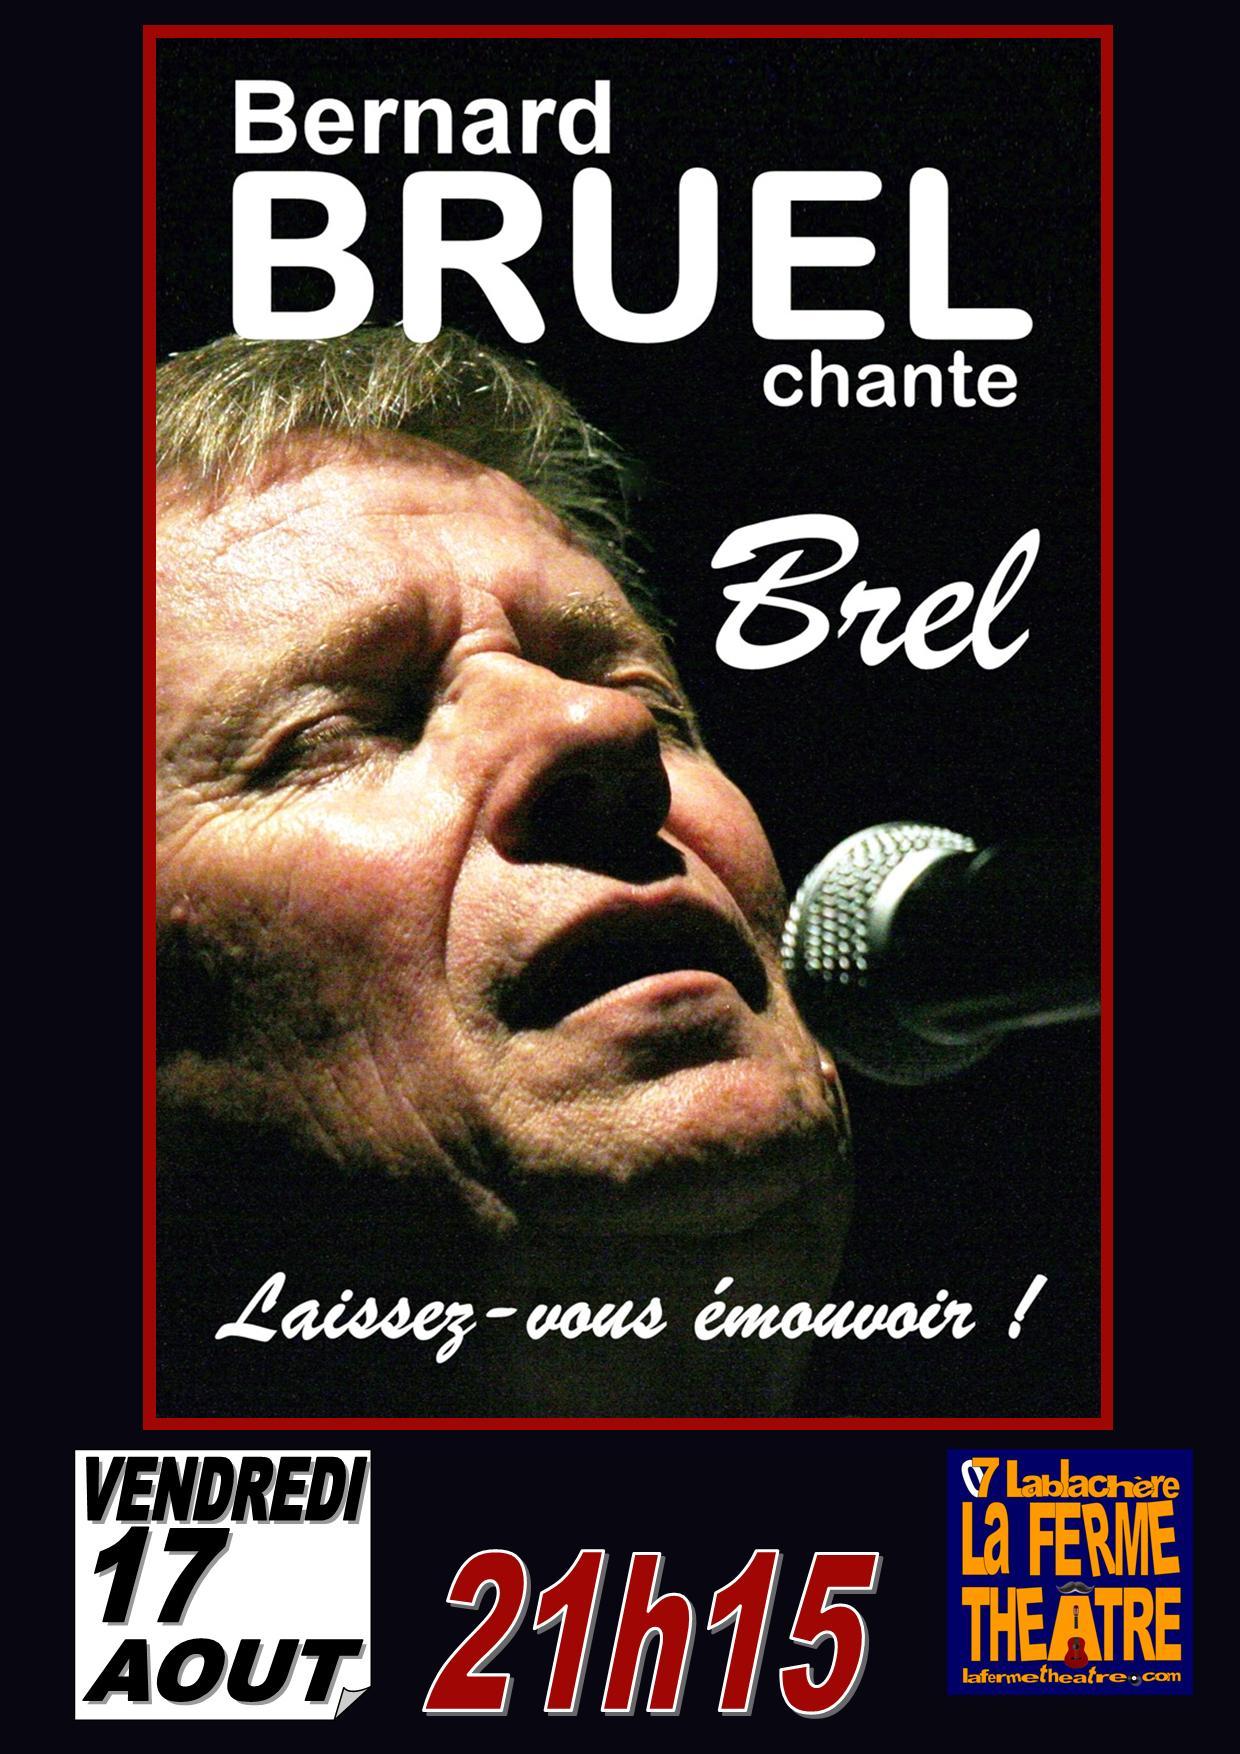 20180817 brel bruel